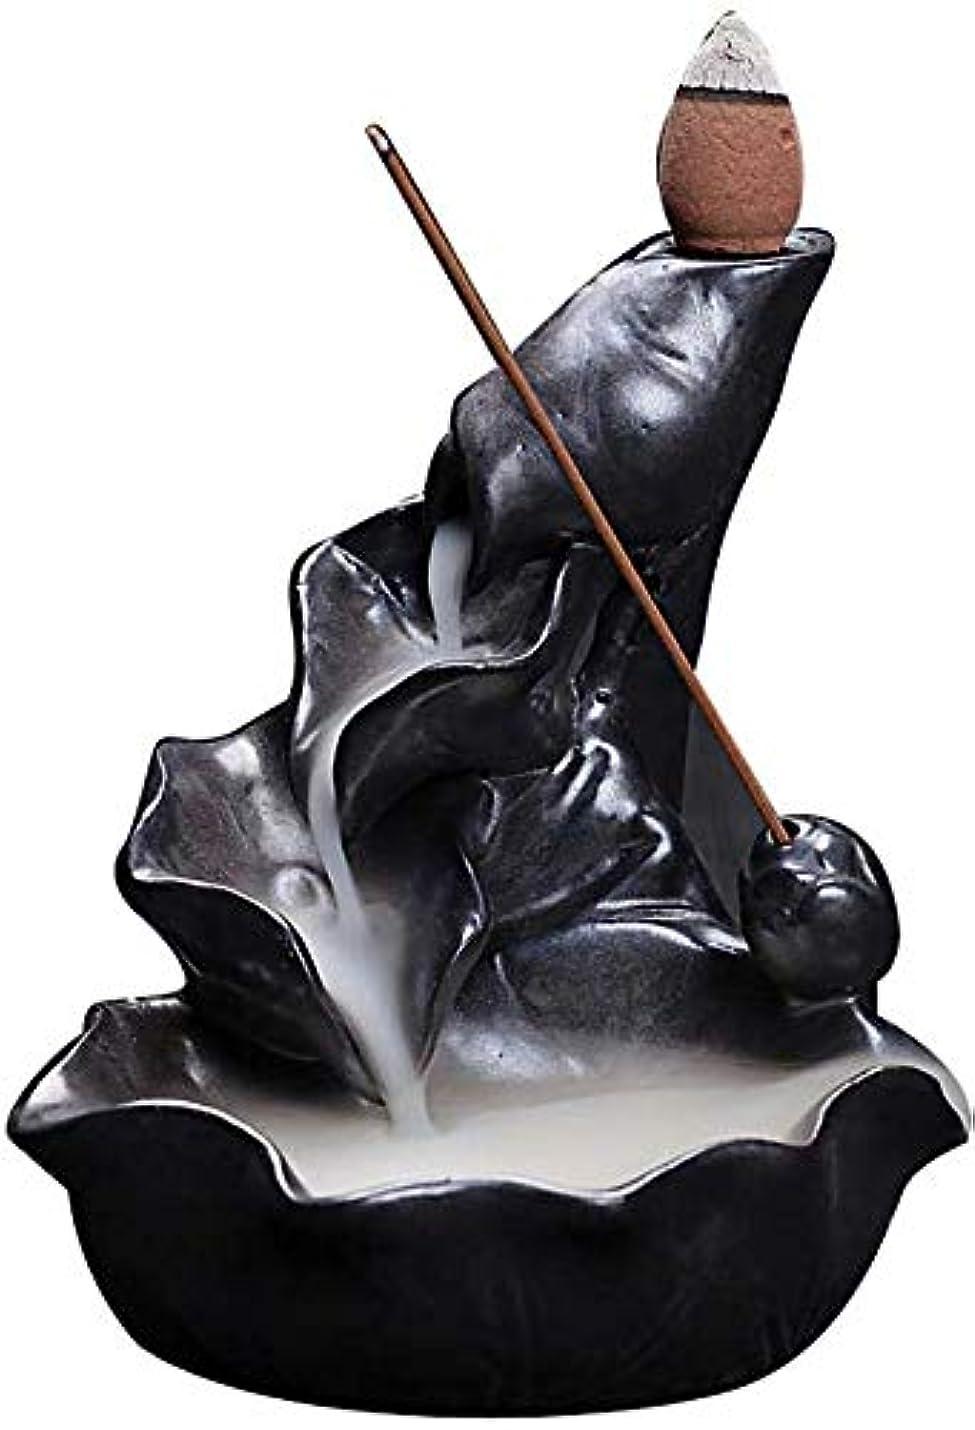 研磨剤絡み合い殉教者香炉、逆流香ホルダーセラミックロータス葉香コーンコーンバーナー香スティックホルダー,Black